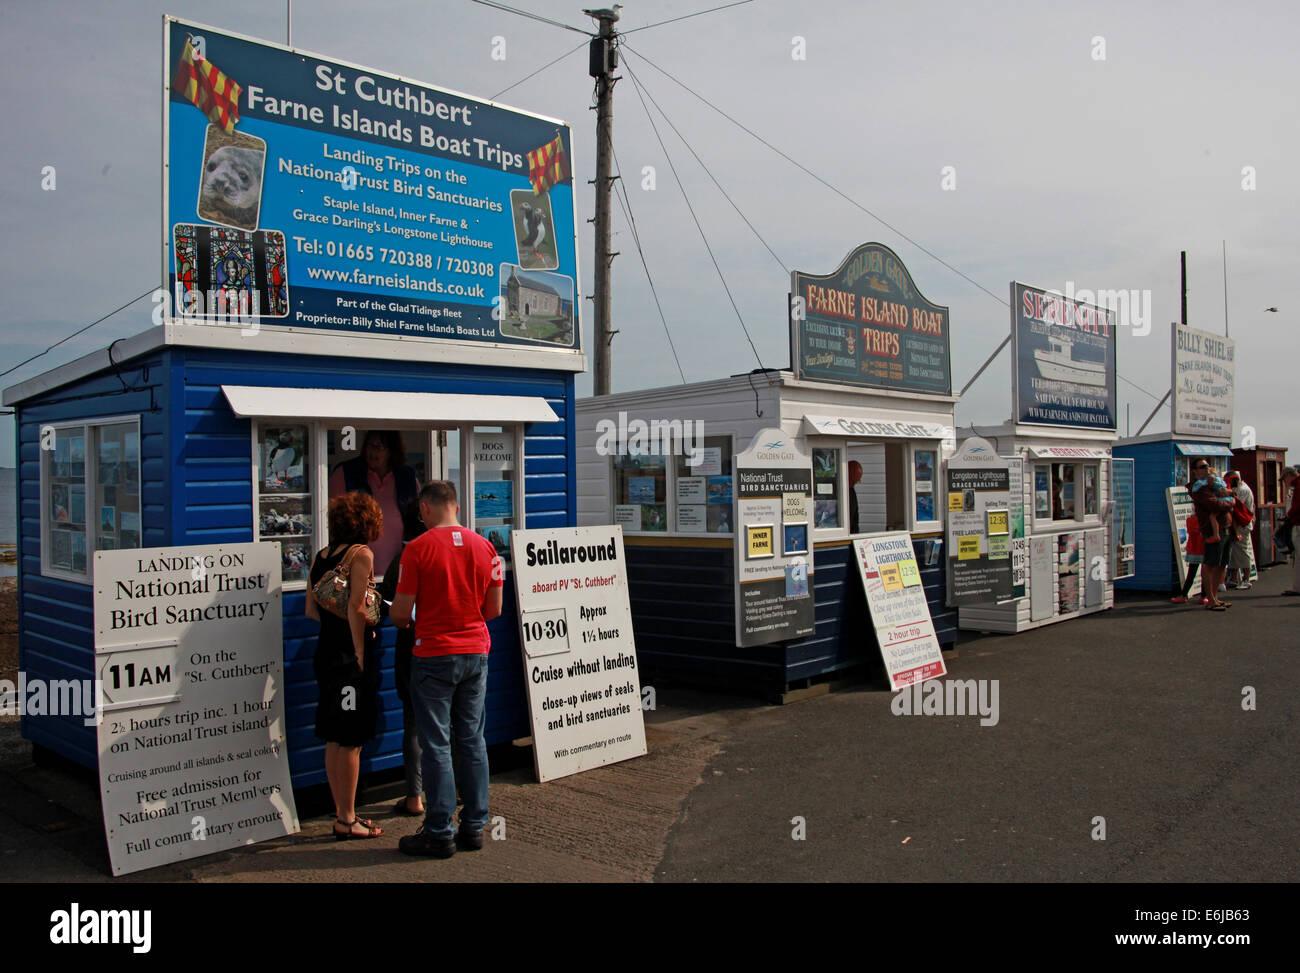 Laden Sie dieses Alamy Stockfoto St. Cuthbert Boot Ticketverkäufe aus wirft auf gemeinsame für Farne Insel reisen, NE England, UK - E6JB63